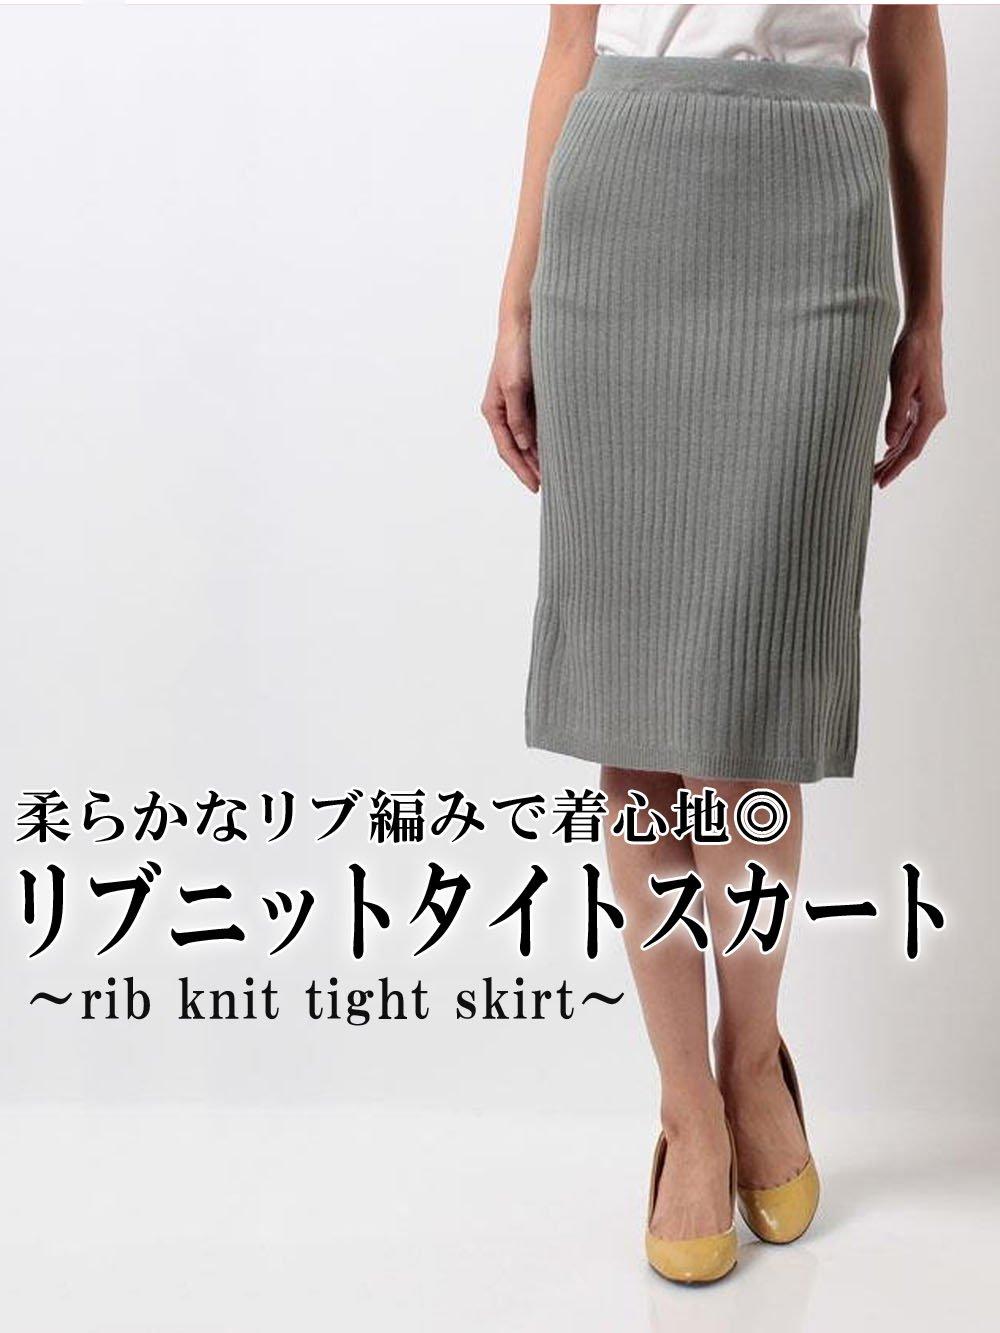 【98%OFF】@100円■10枚セット■リブニットタイトスカート